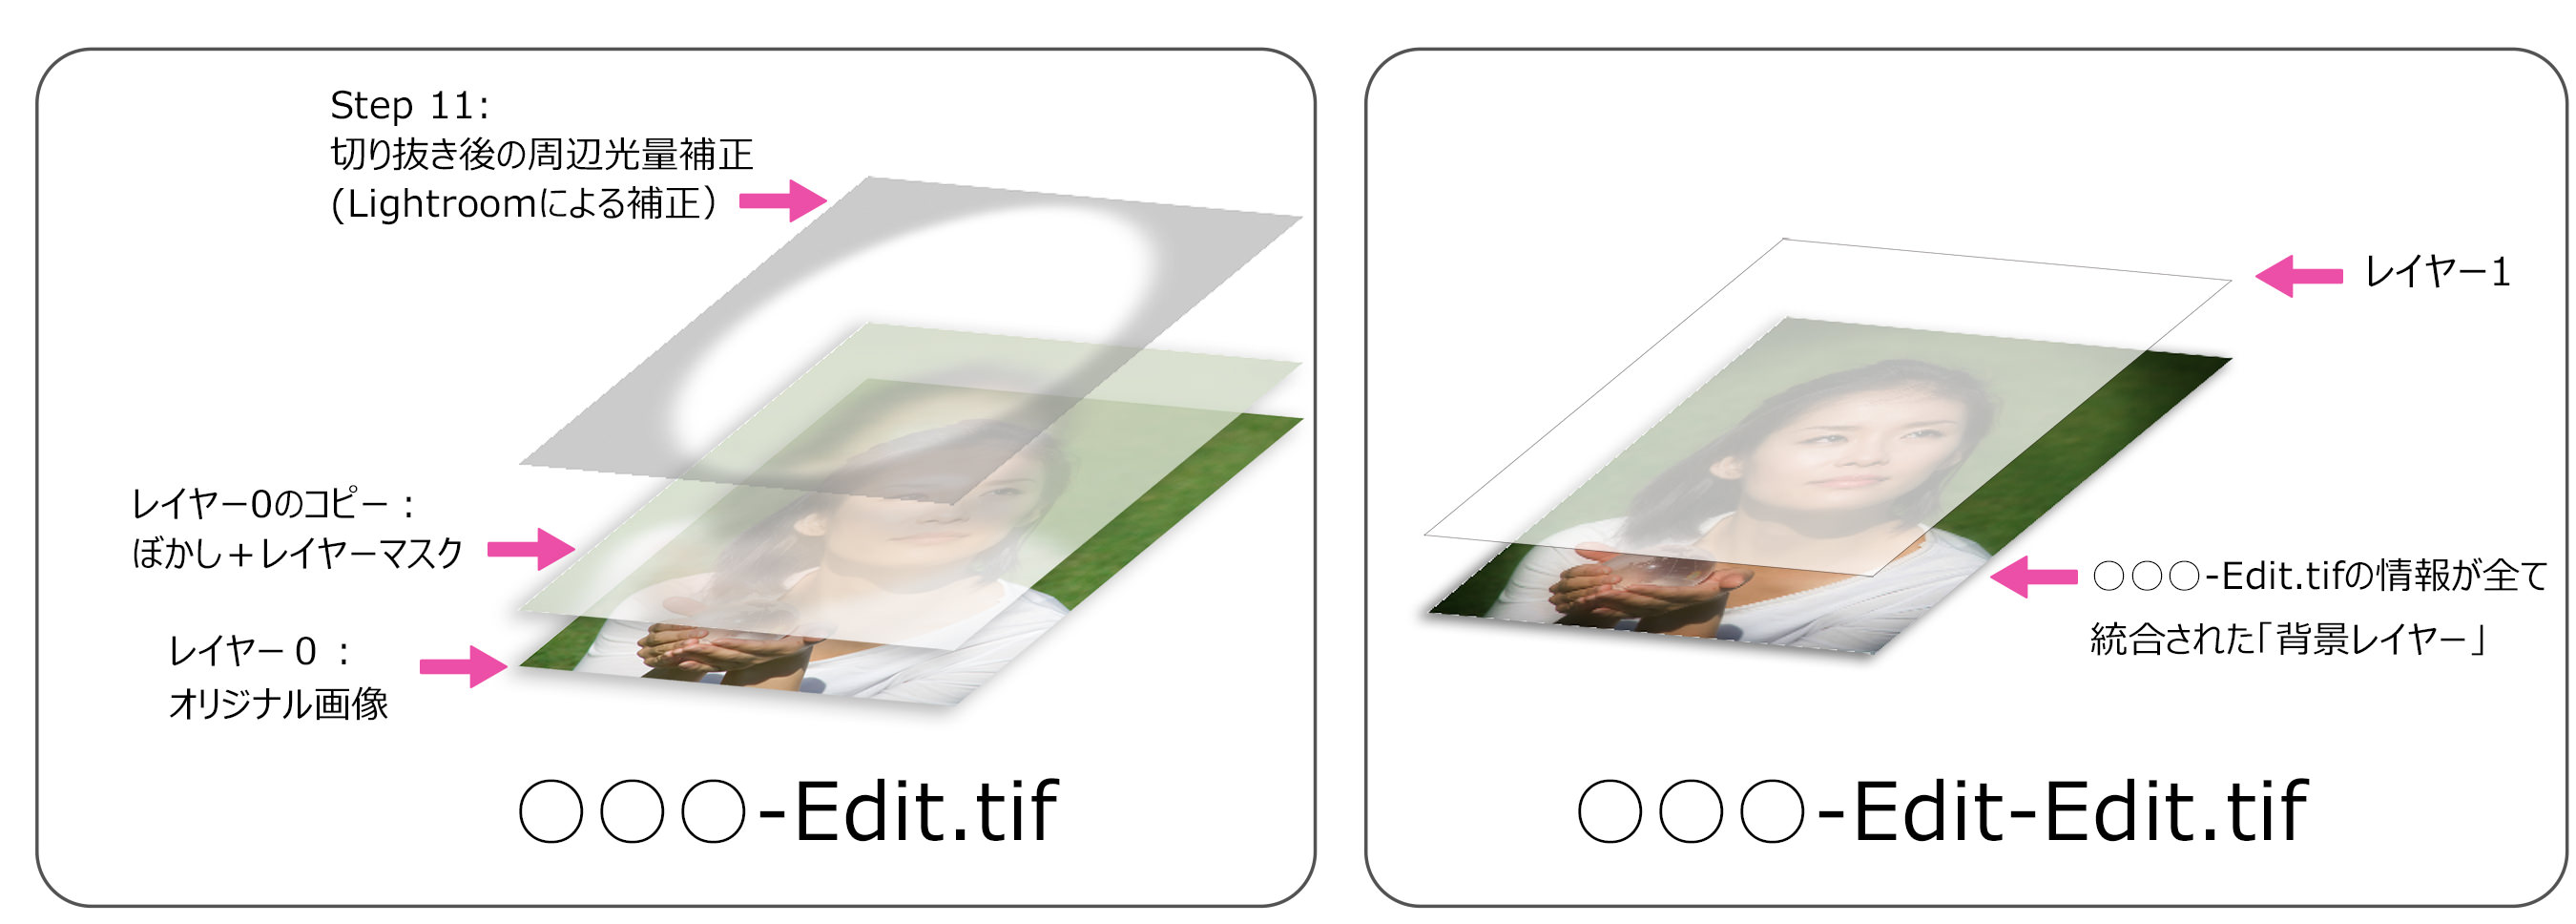 残ったファイル-Case1